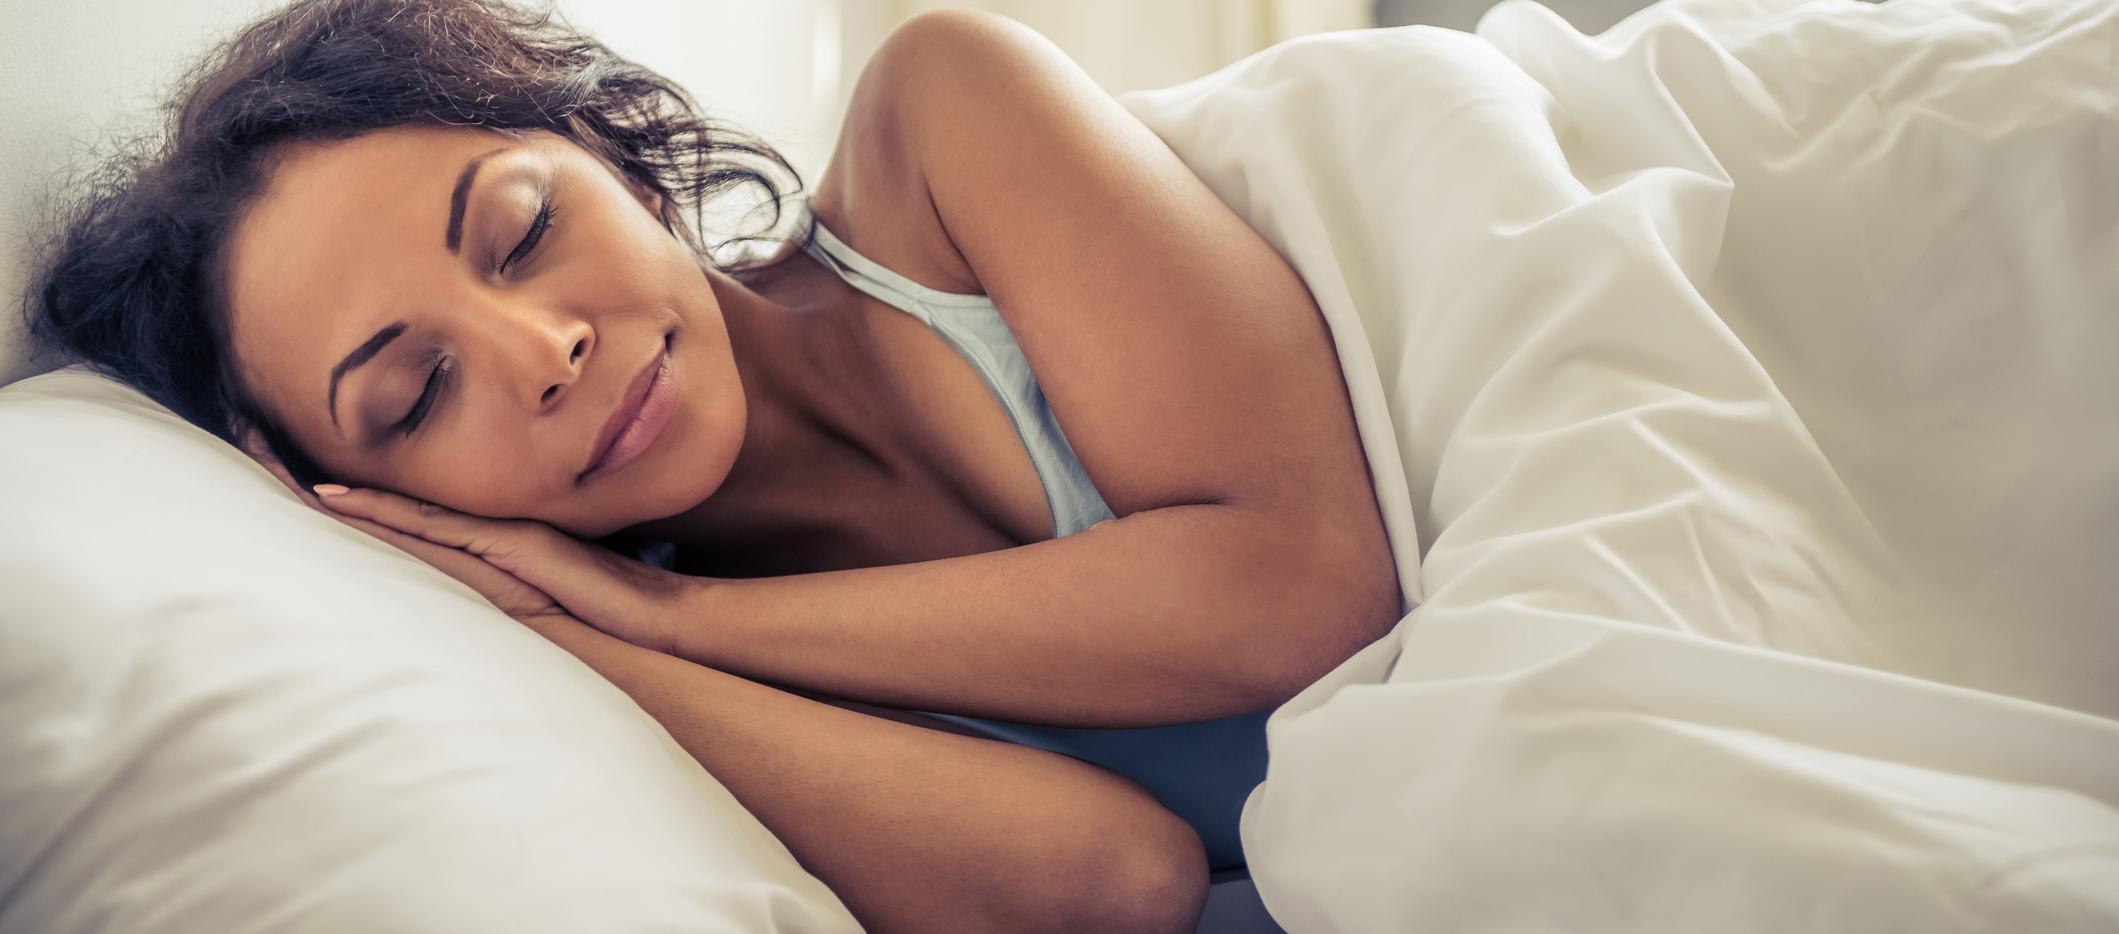 positions de sommeil qui vous font perdre du poids Est-ce que Shannon a perdu du poids